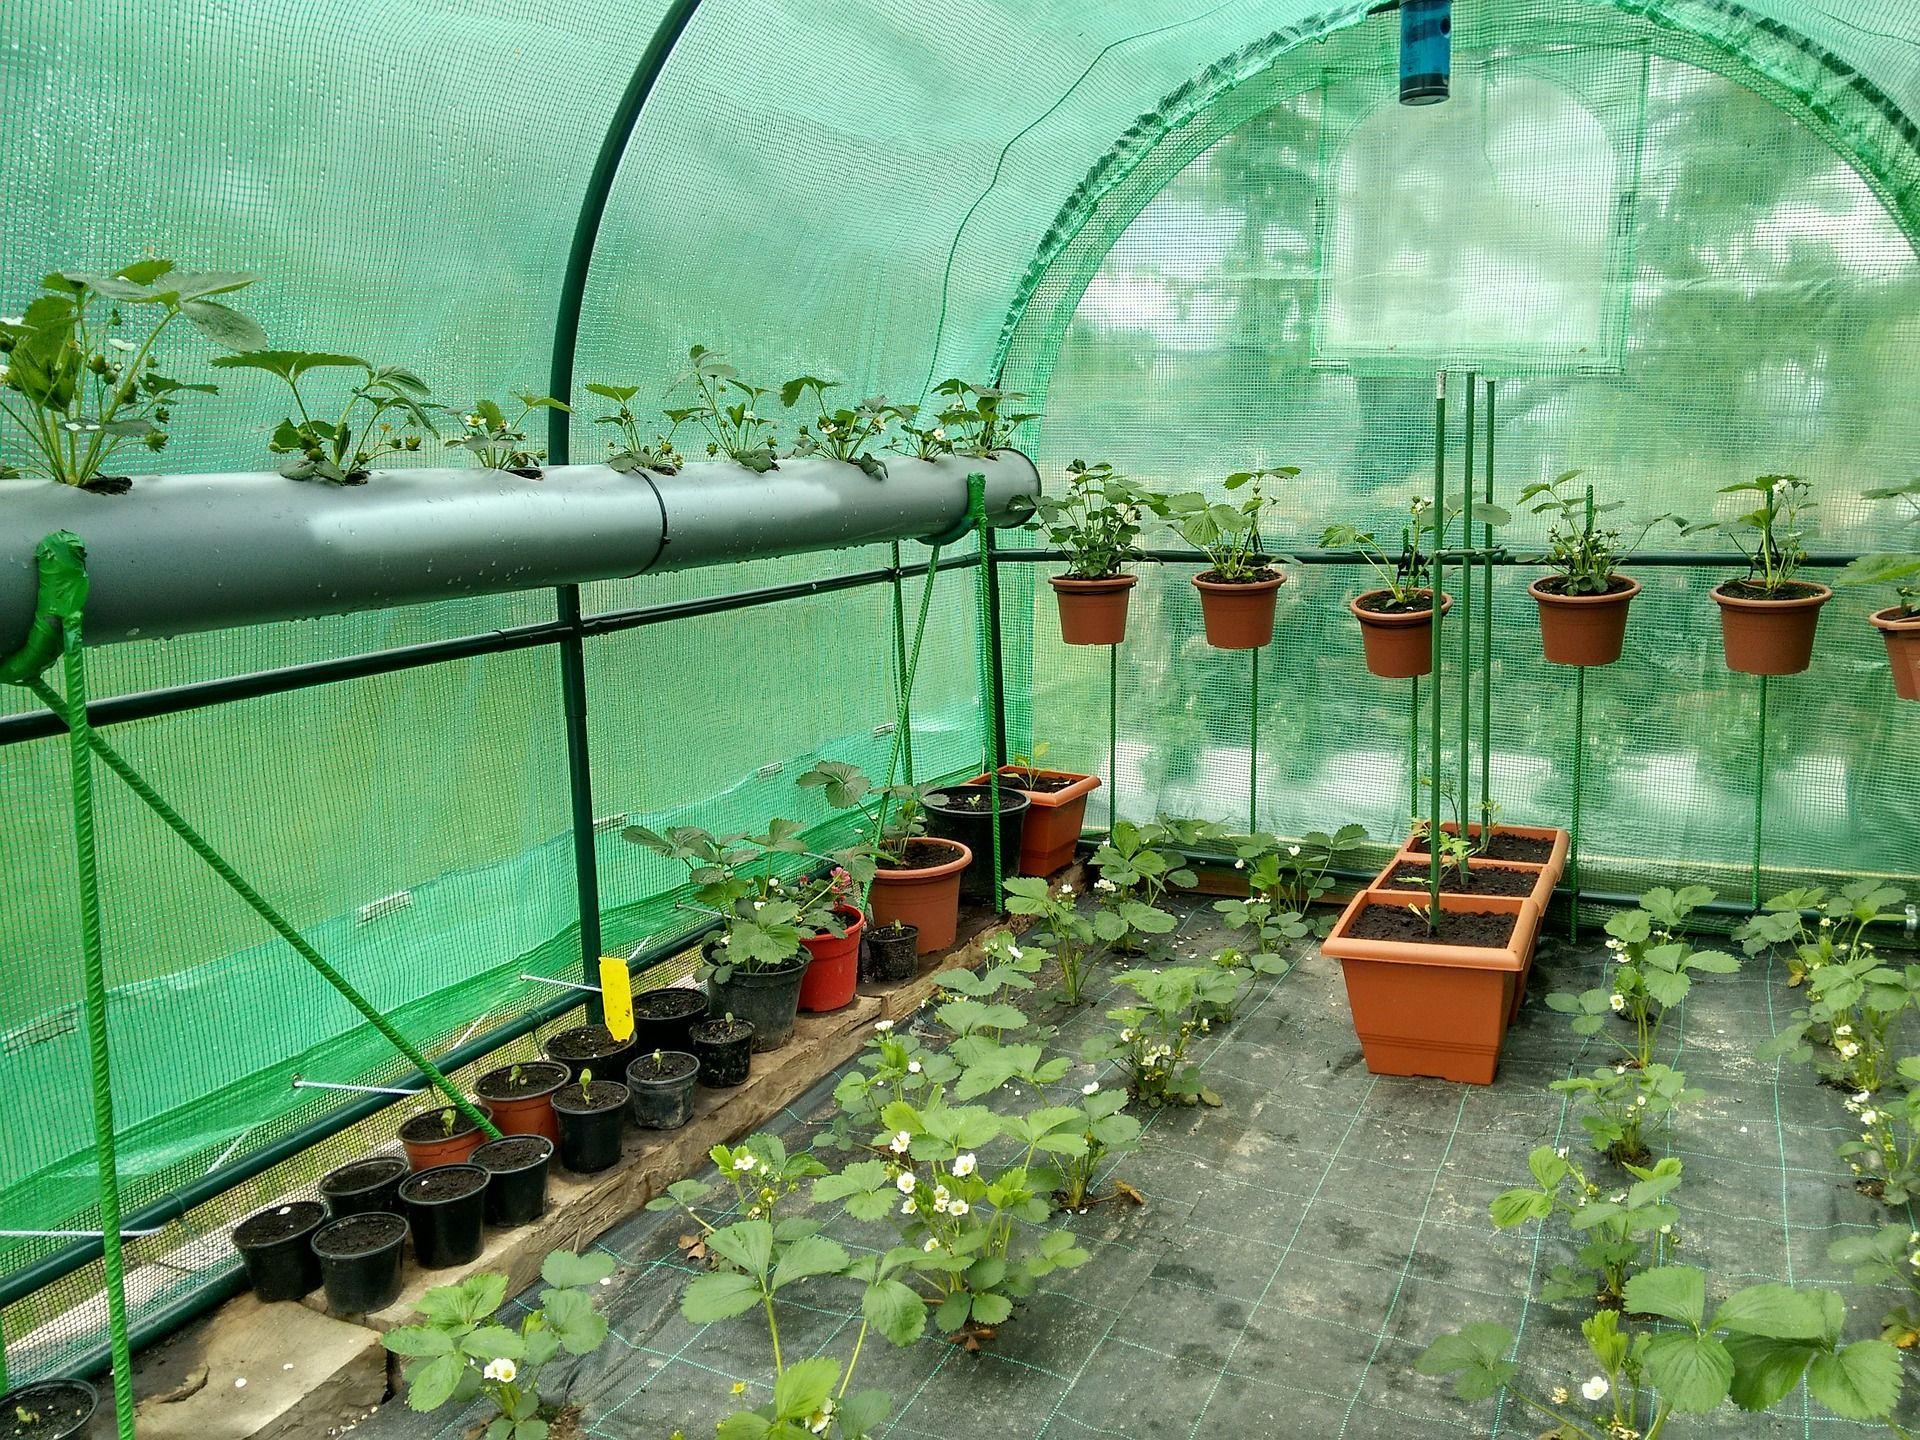 Gewächshaus bepflanzen: Anleitung für den Gemüseanbau #anbauvongemüse